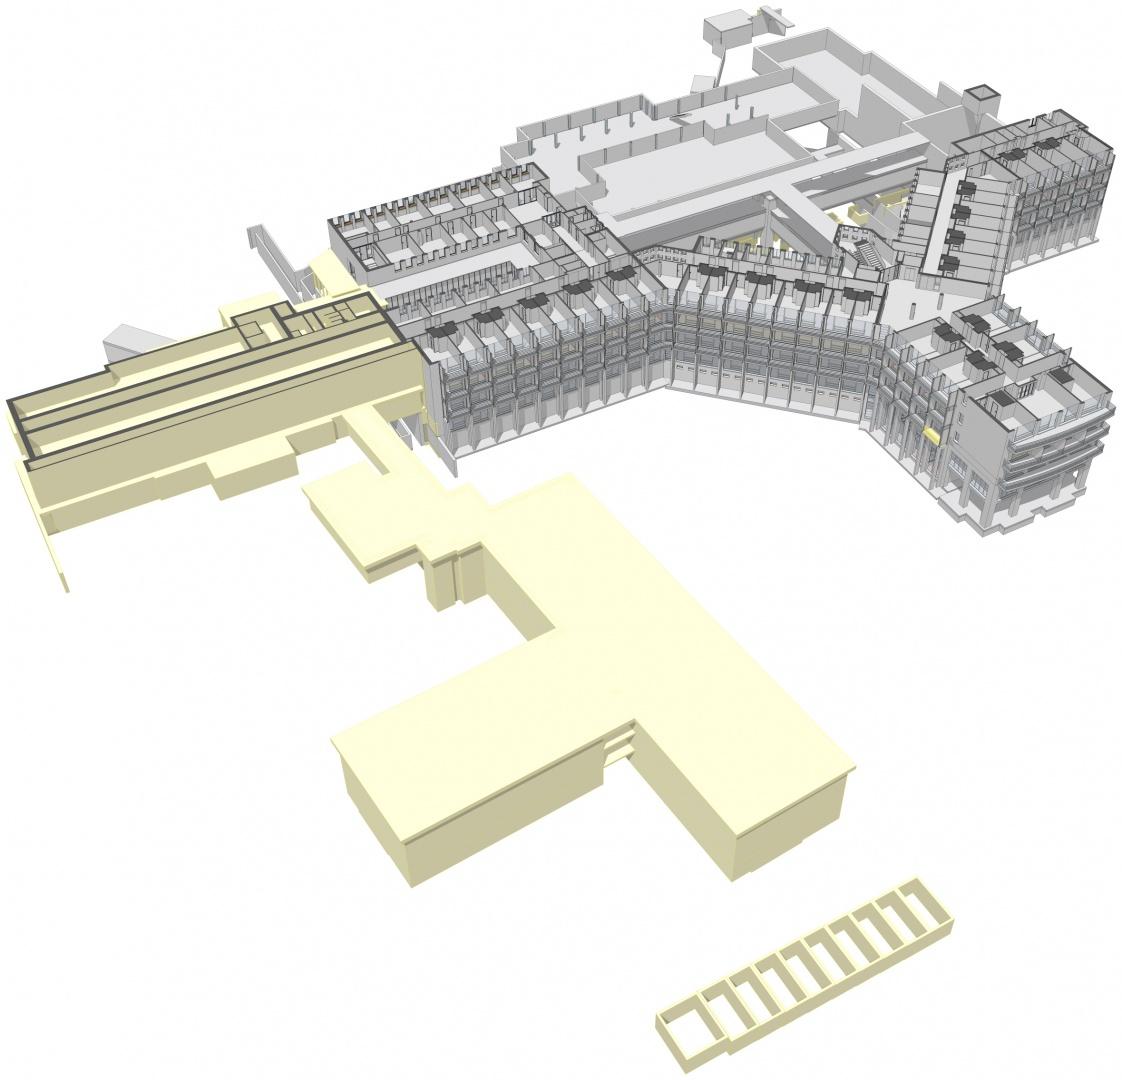 Das Bestandsmodell der verschiedenen Gebäude in unterschiedlichen Ausarbeitungstiefen © OOS AG